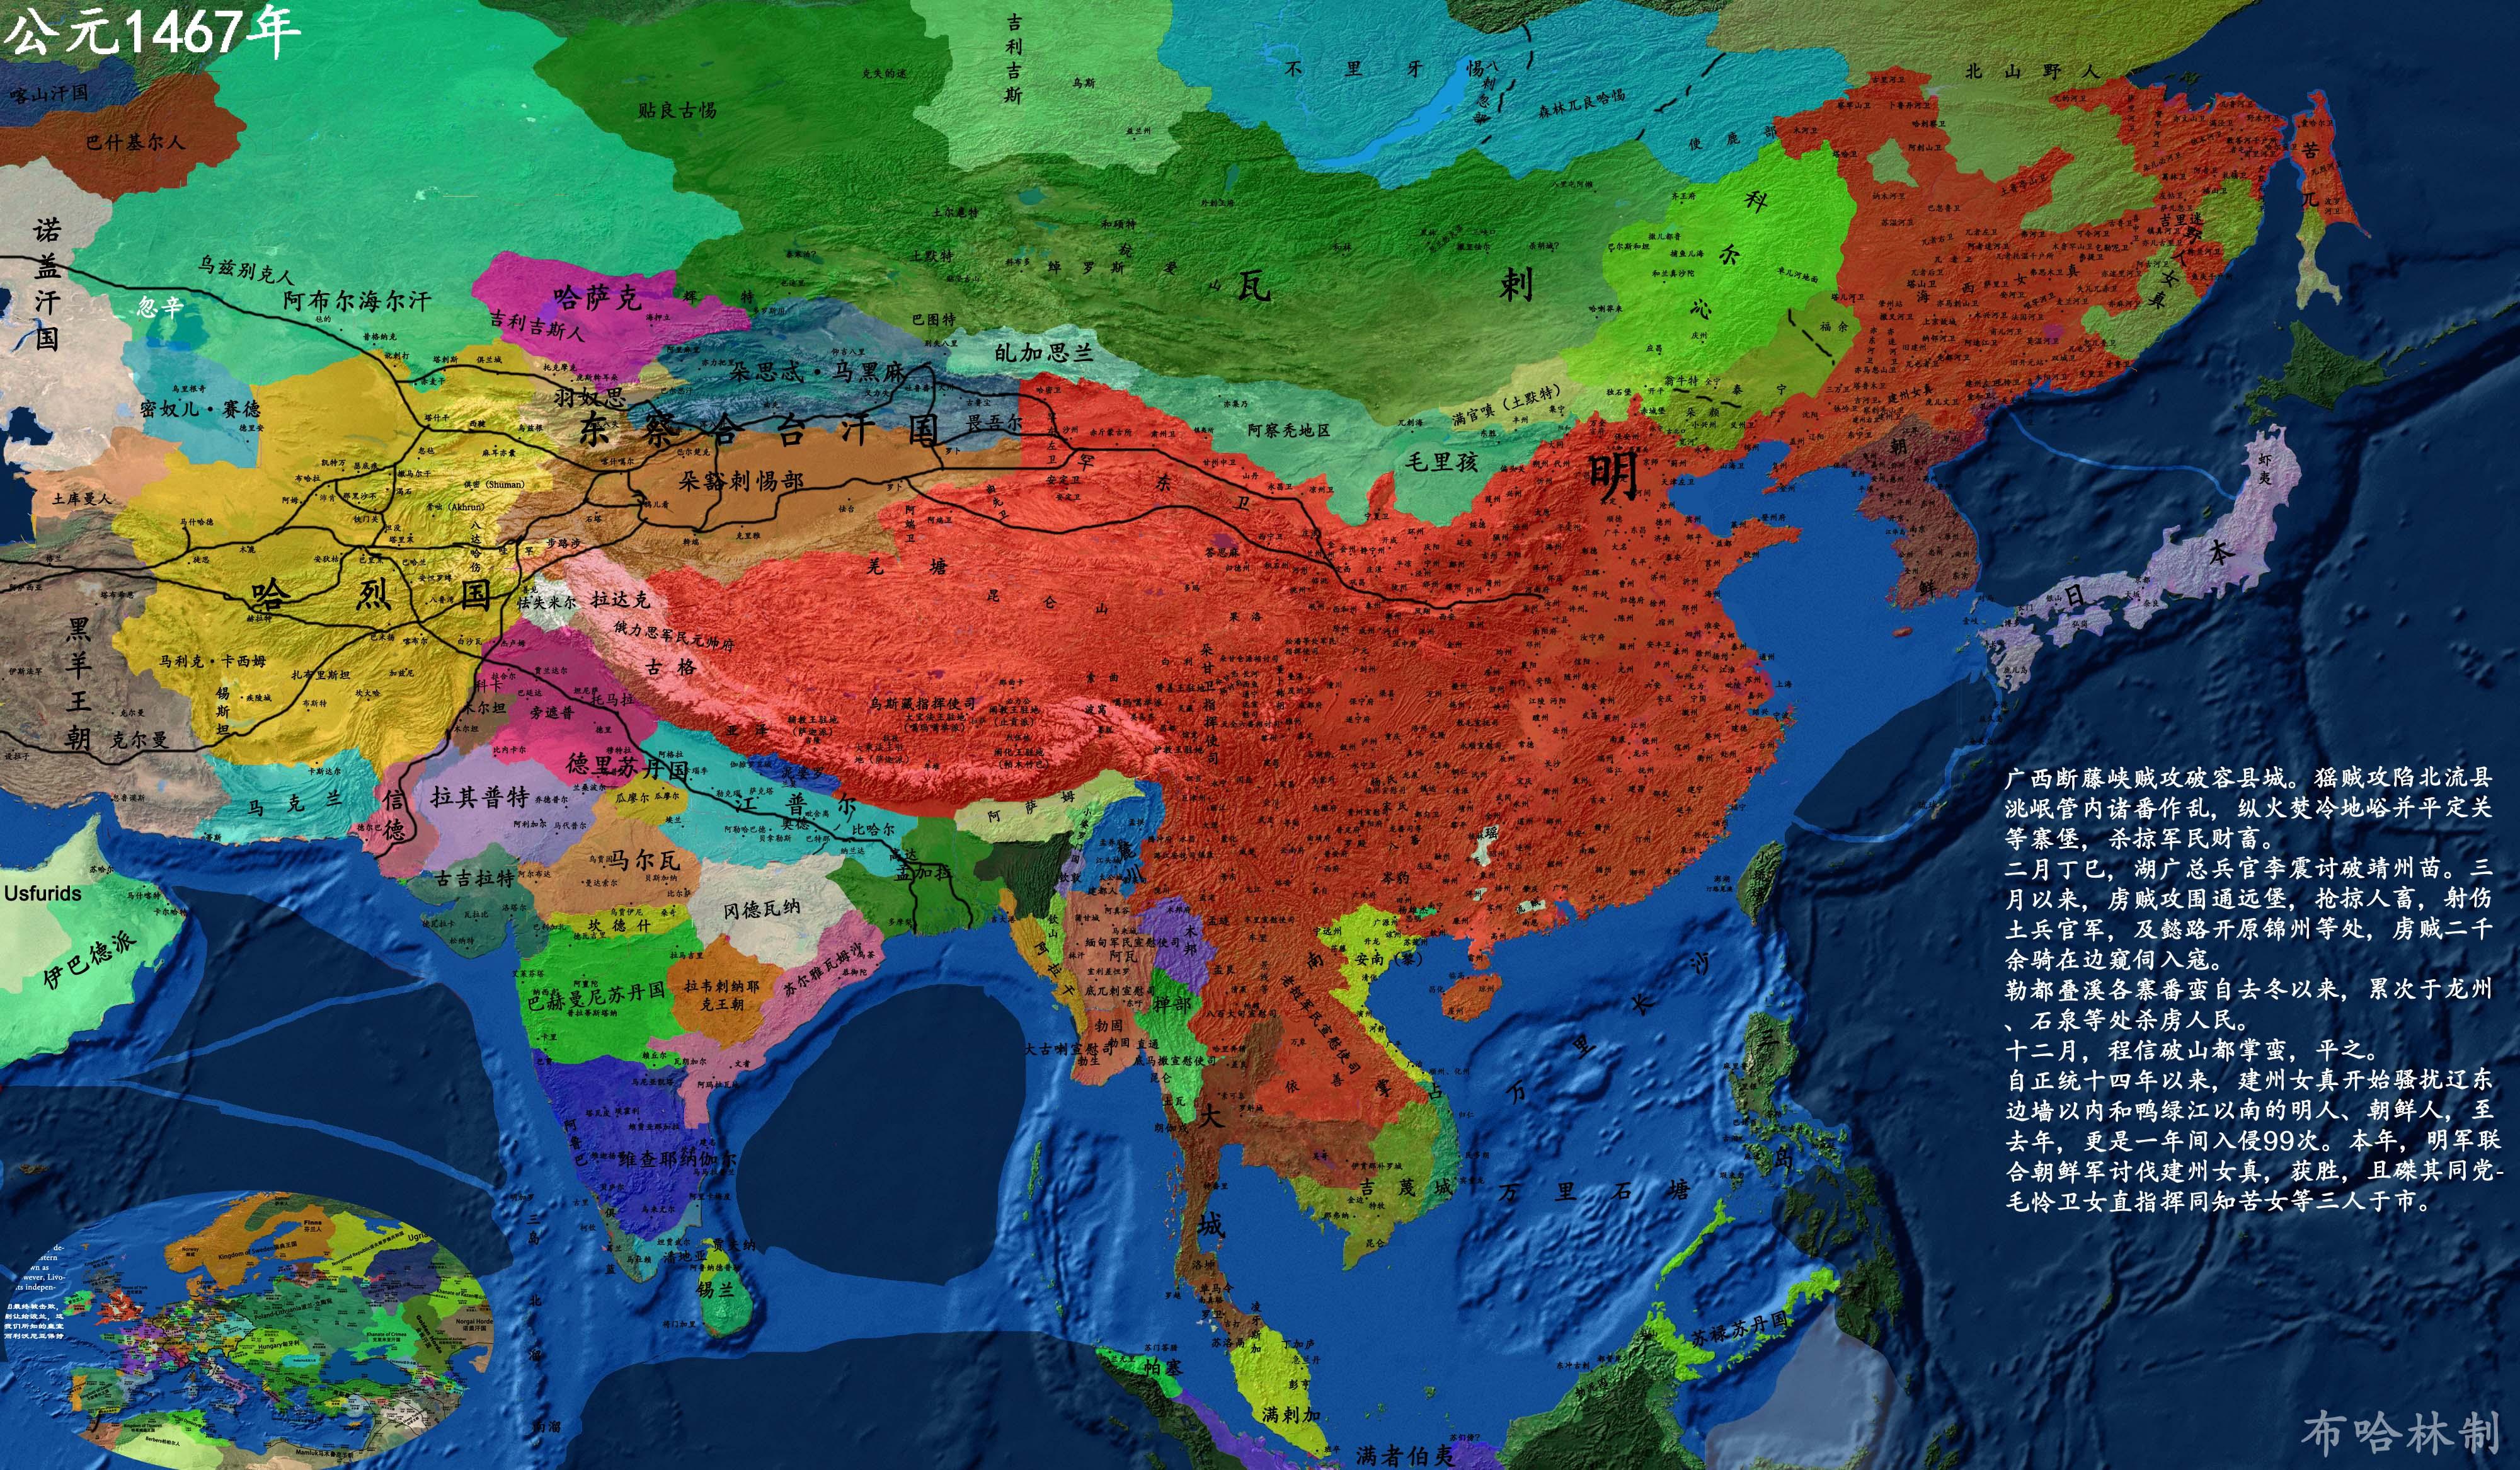 明朝末年1644年地图